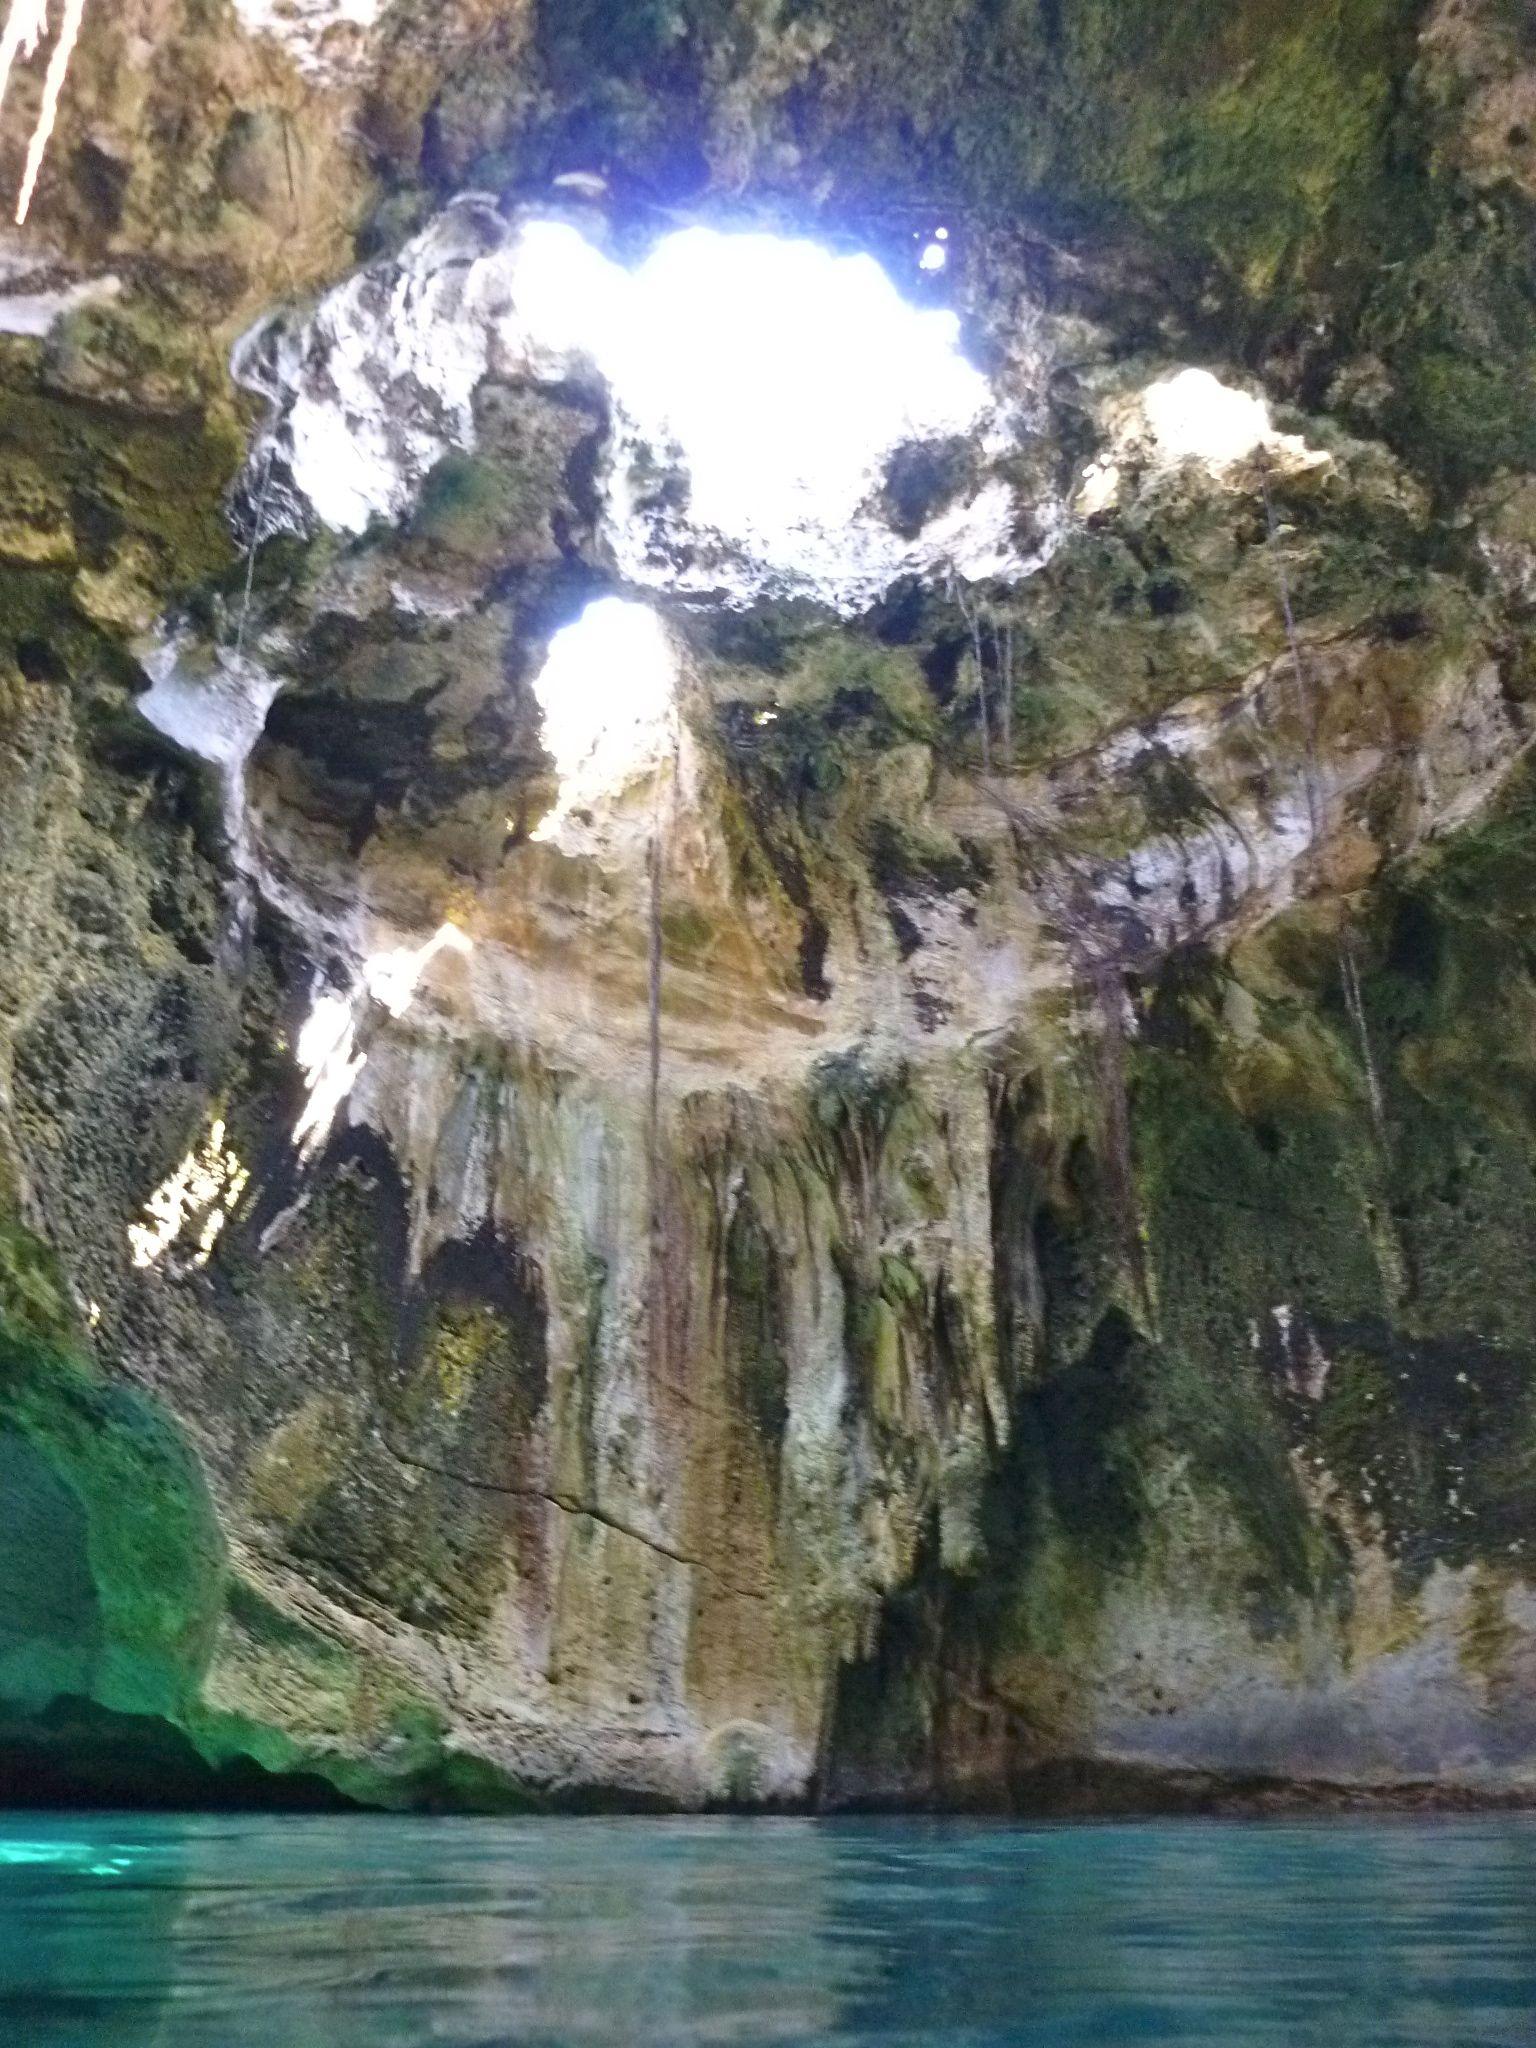 Thunderball Grotto Near Staniel Cay In The Exuma Cays